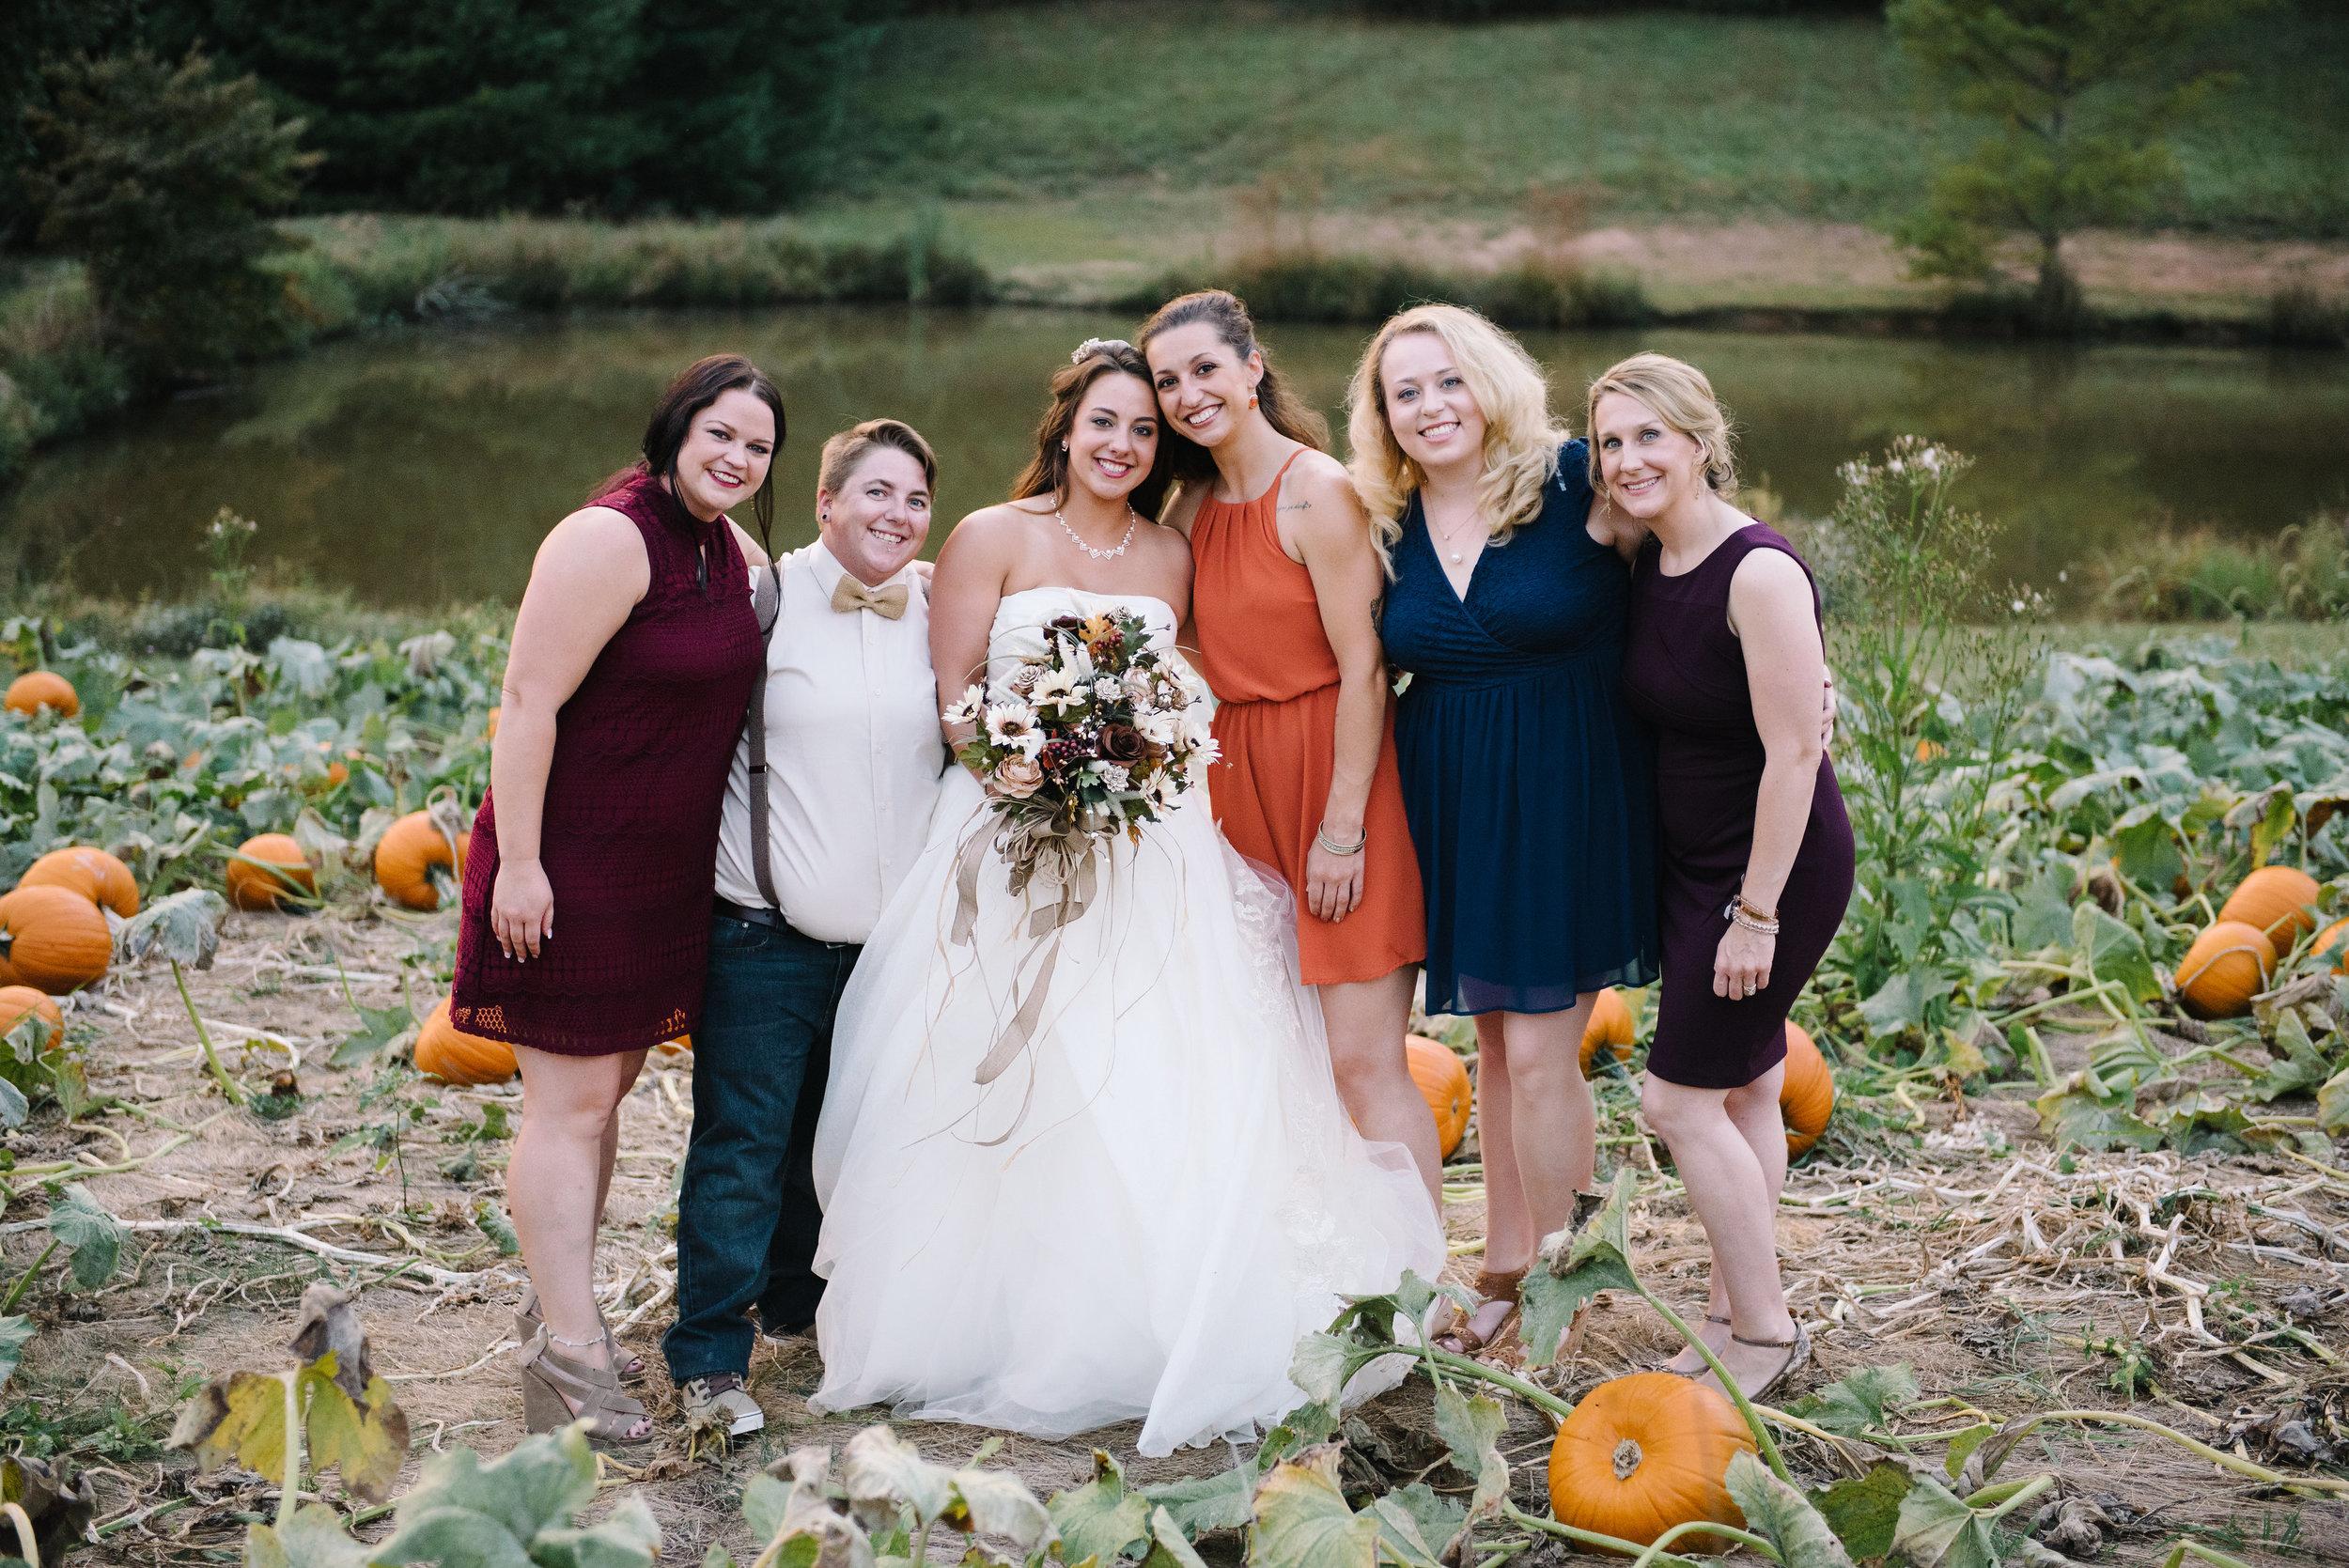 bridesmaids-pumpkin-field.jpg